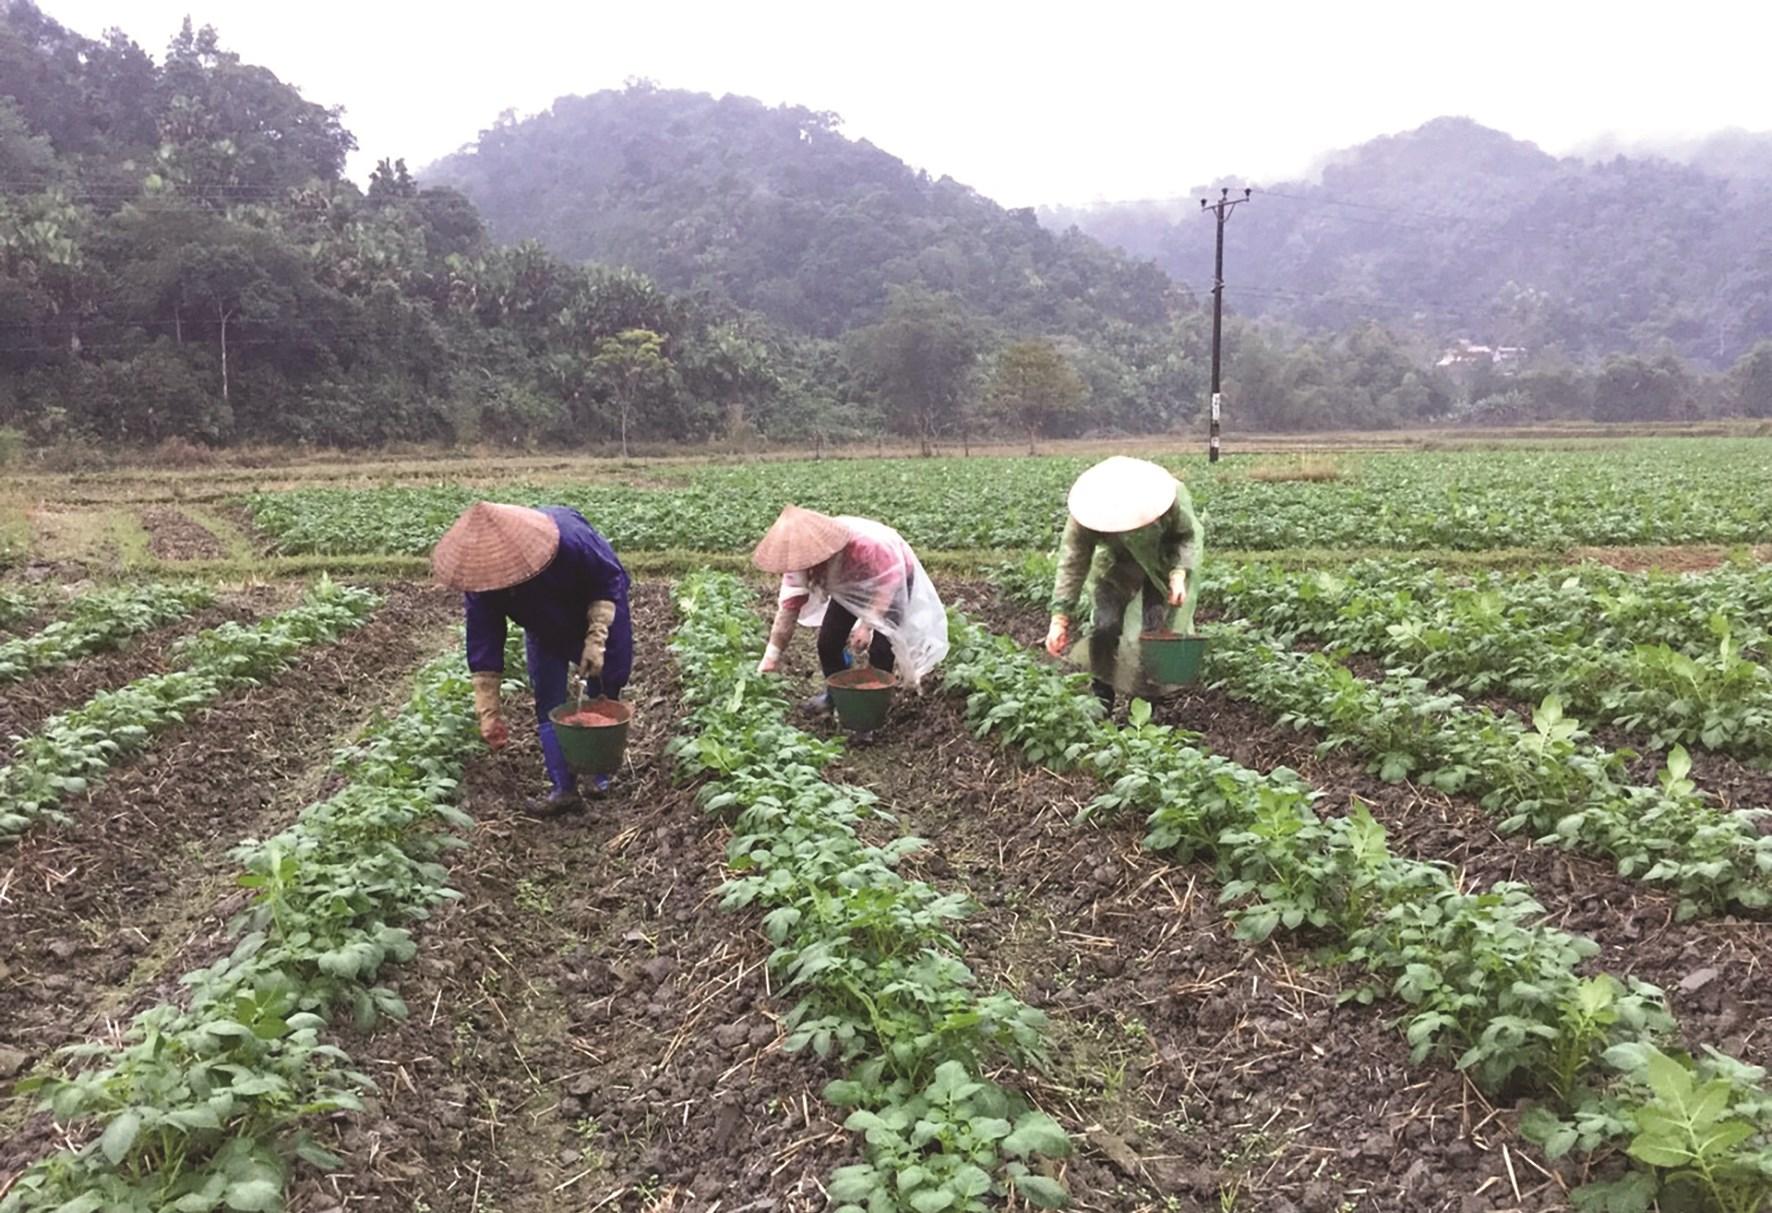 Vùng trồng rau an toàn tại thôn Bó Lách, xã Quyết Tiến.